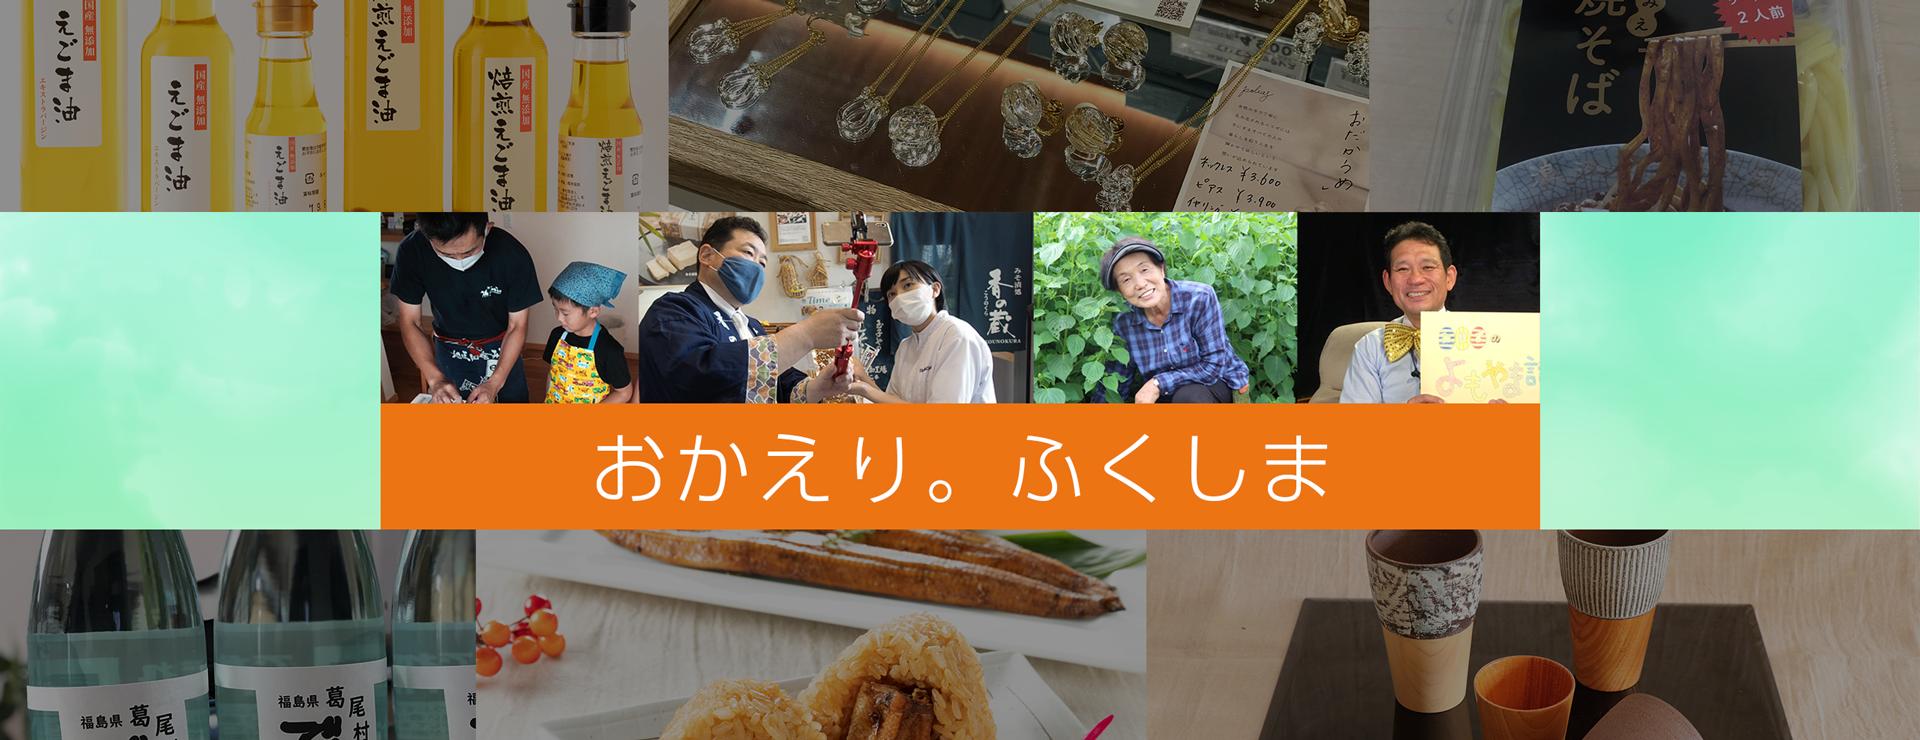 おかえり。ふくしま〜事業者動画チャンネル